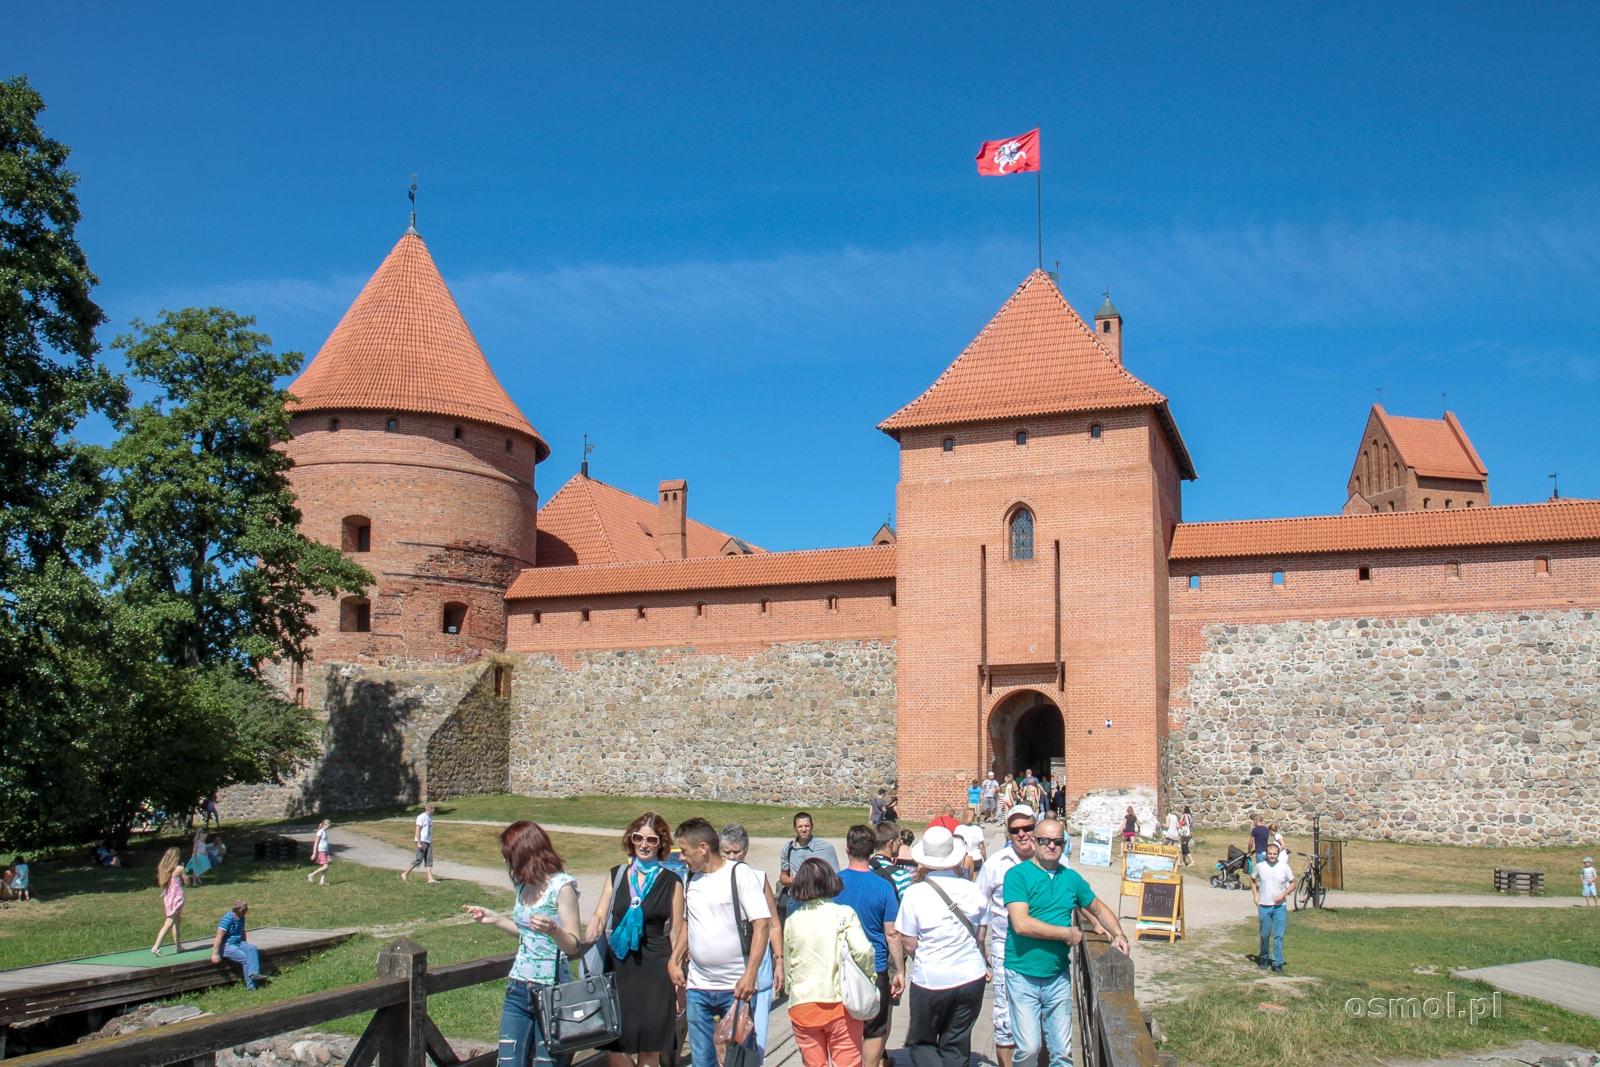 Troki turyści szturmują bramę